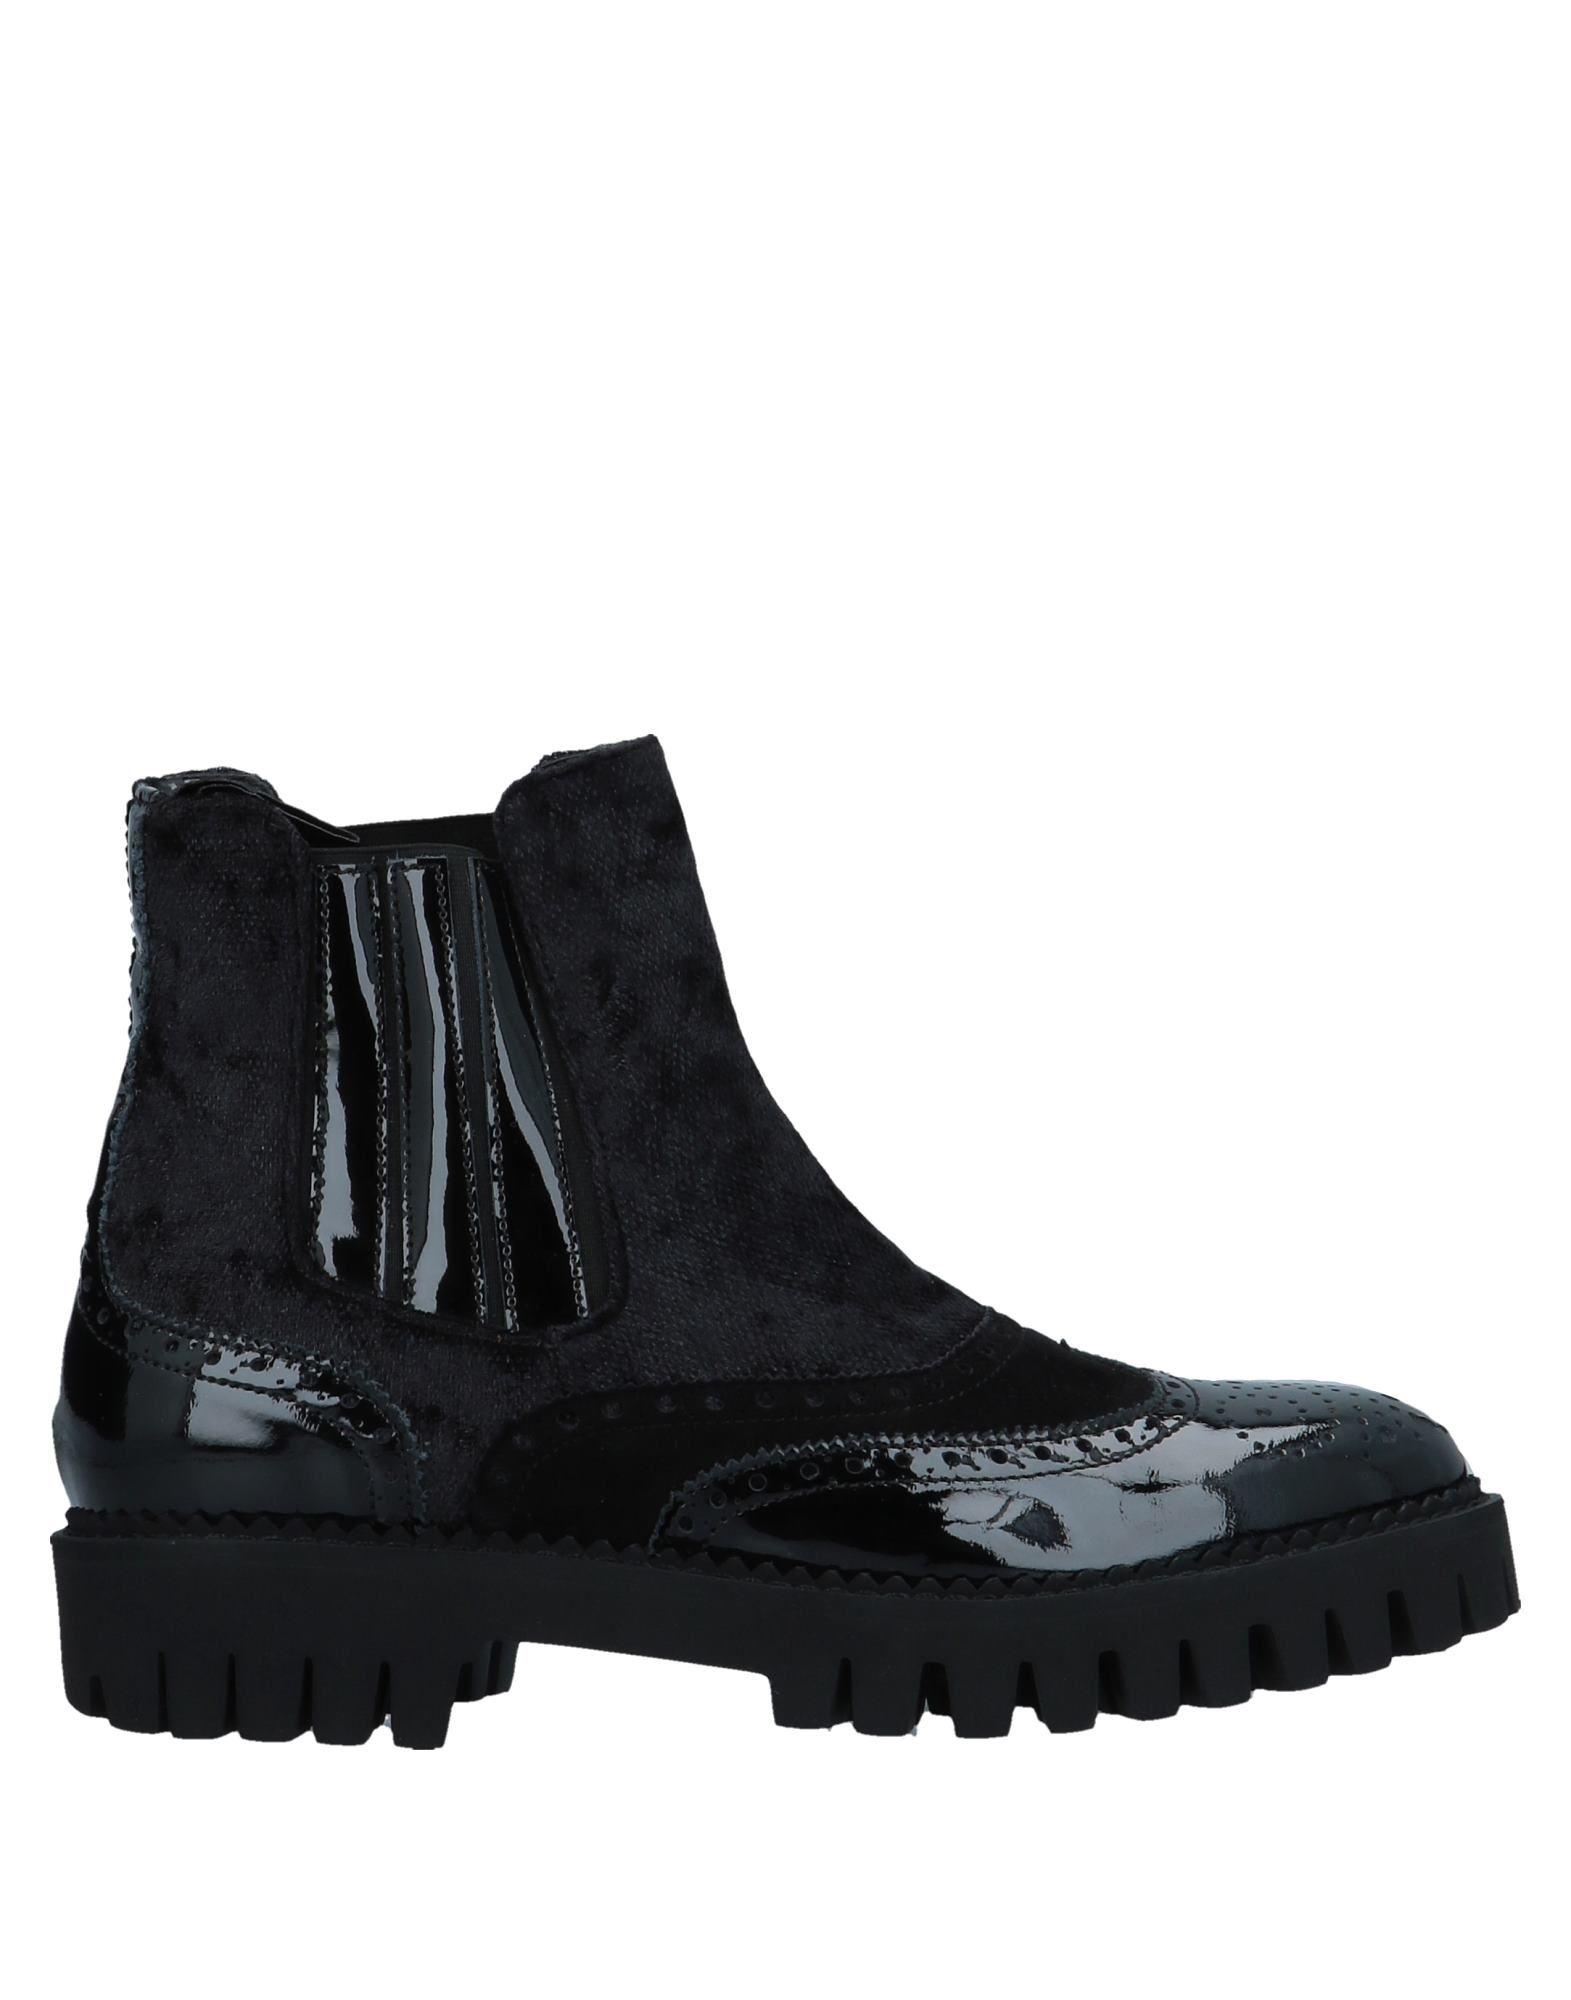 《送料無料》ALBERTO GUARDIANI レディース ショートブーツ ブラック 40 紡績繊維 / 革